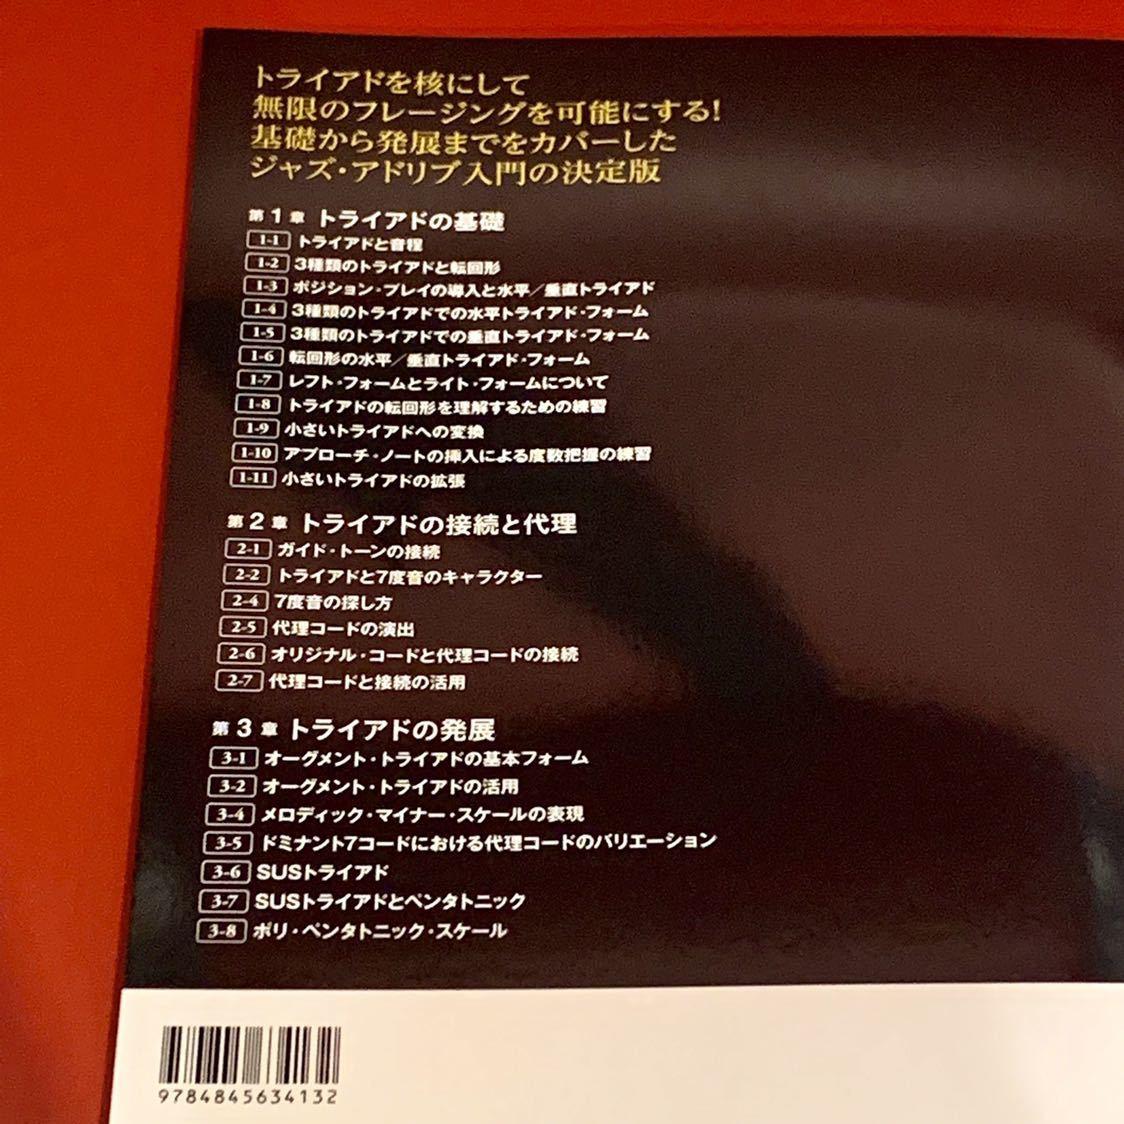 【5のつく日】 トライアドで解き明かすジャズ・ギター・アドリブ ビバップからコンテンポラリーまで完全対応! CD付 永井 義朗 送料185円~_画像2